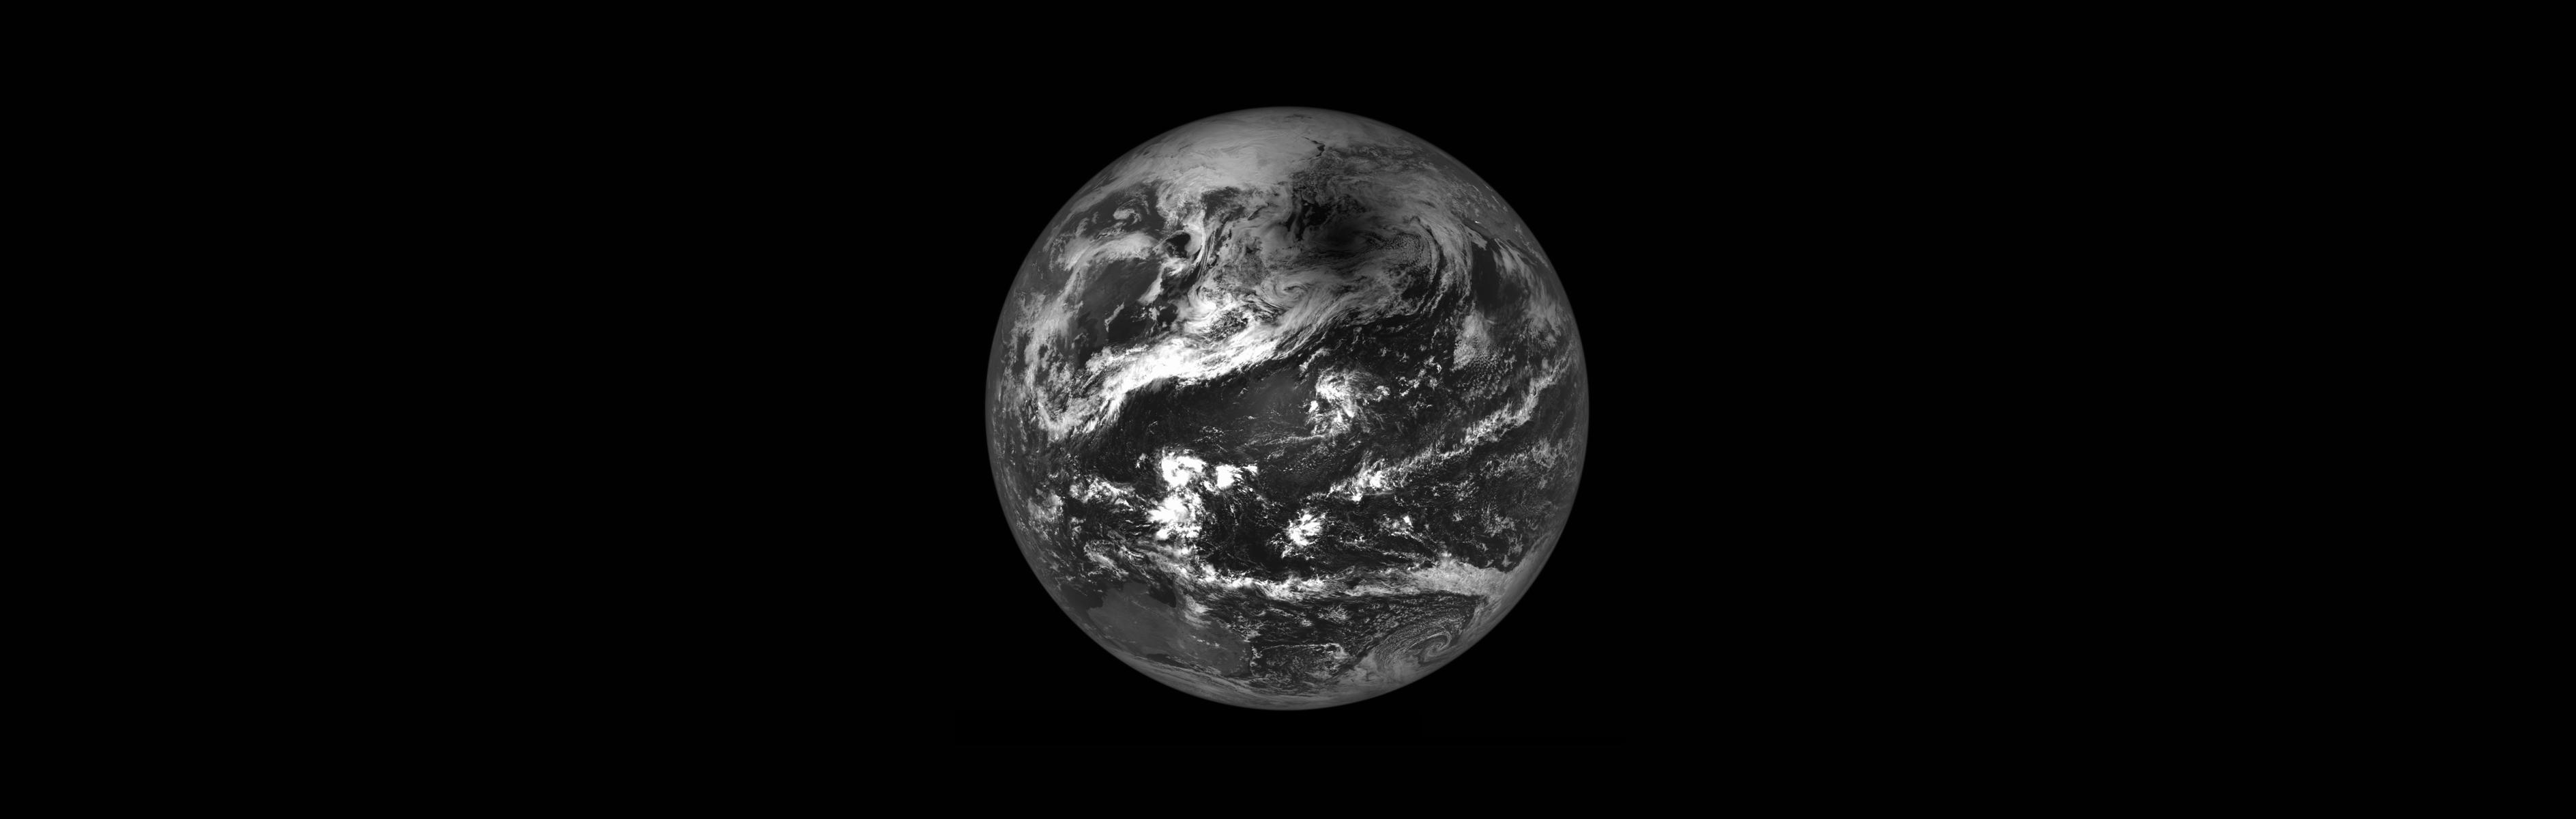 NASA's LRO Team Wants You to Wave at the Moon | NASA